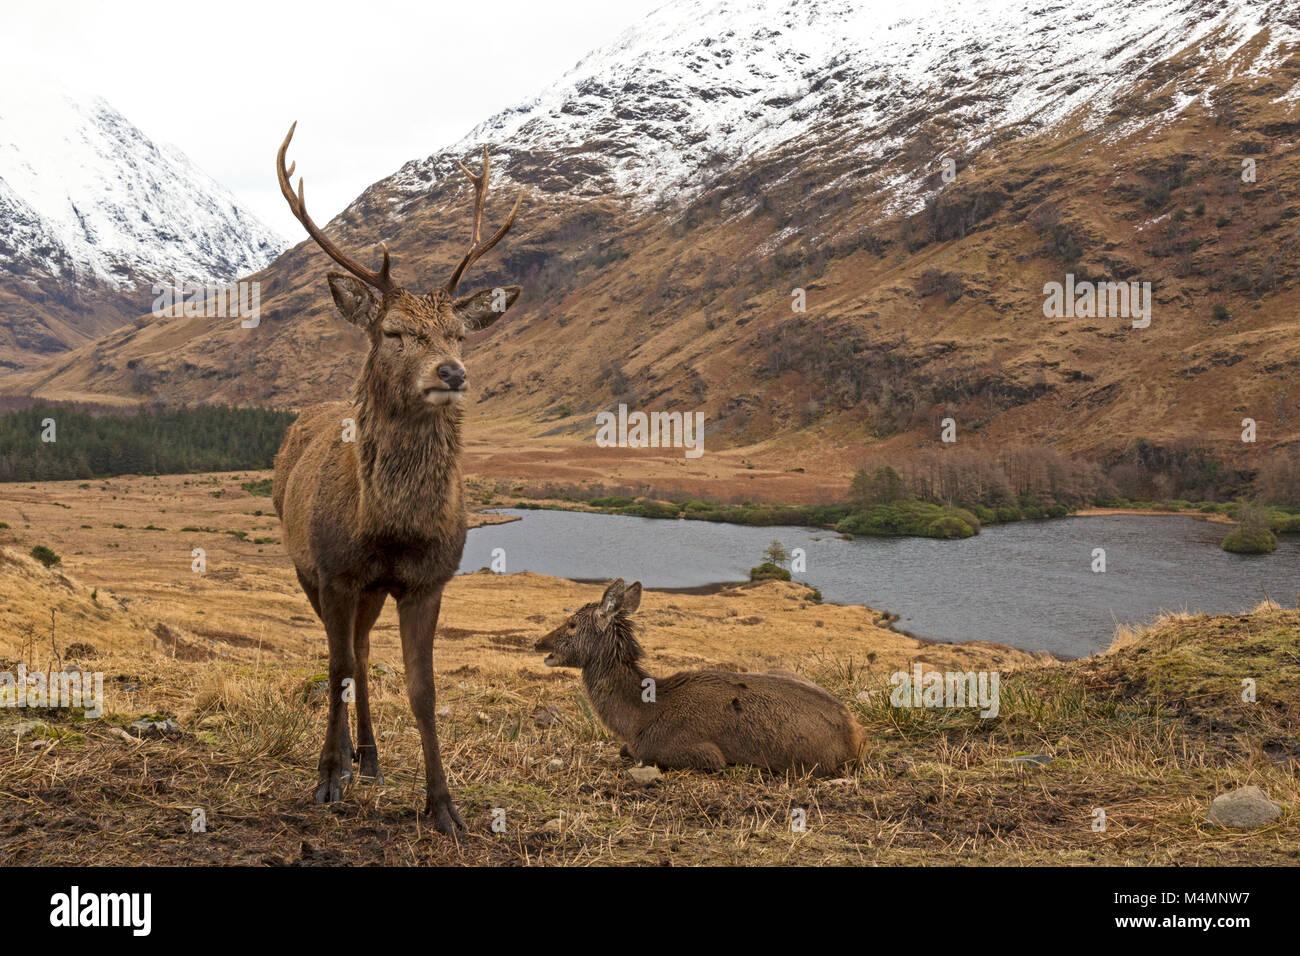 Ciervos salvajes, Cervus elaphus, Stag y hind, masculino y femenino, en el Glen Etive, Escocia, durante el invierno, Imagen De Stock